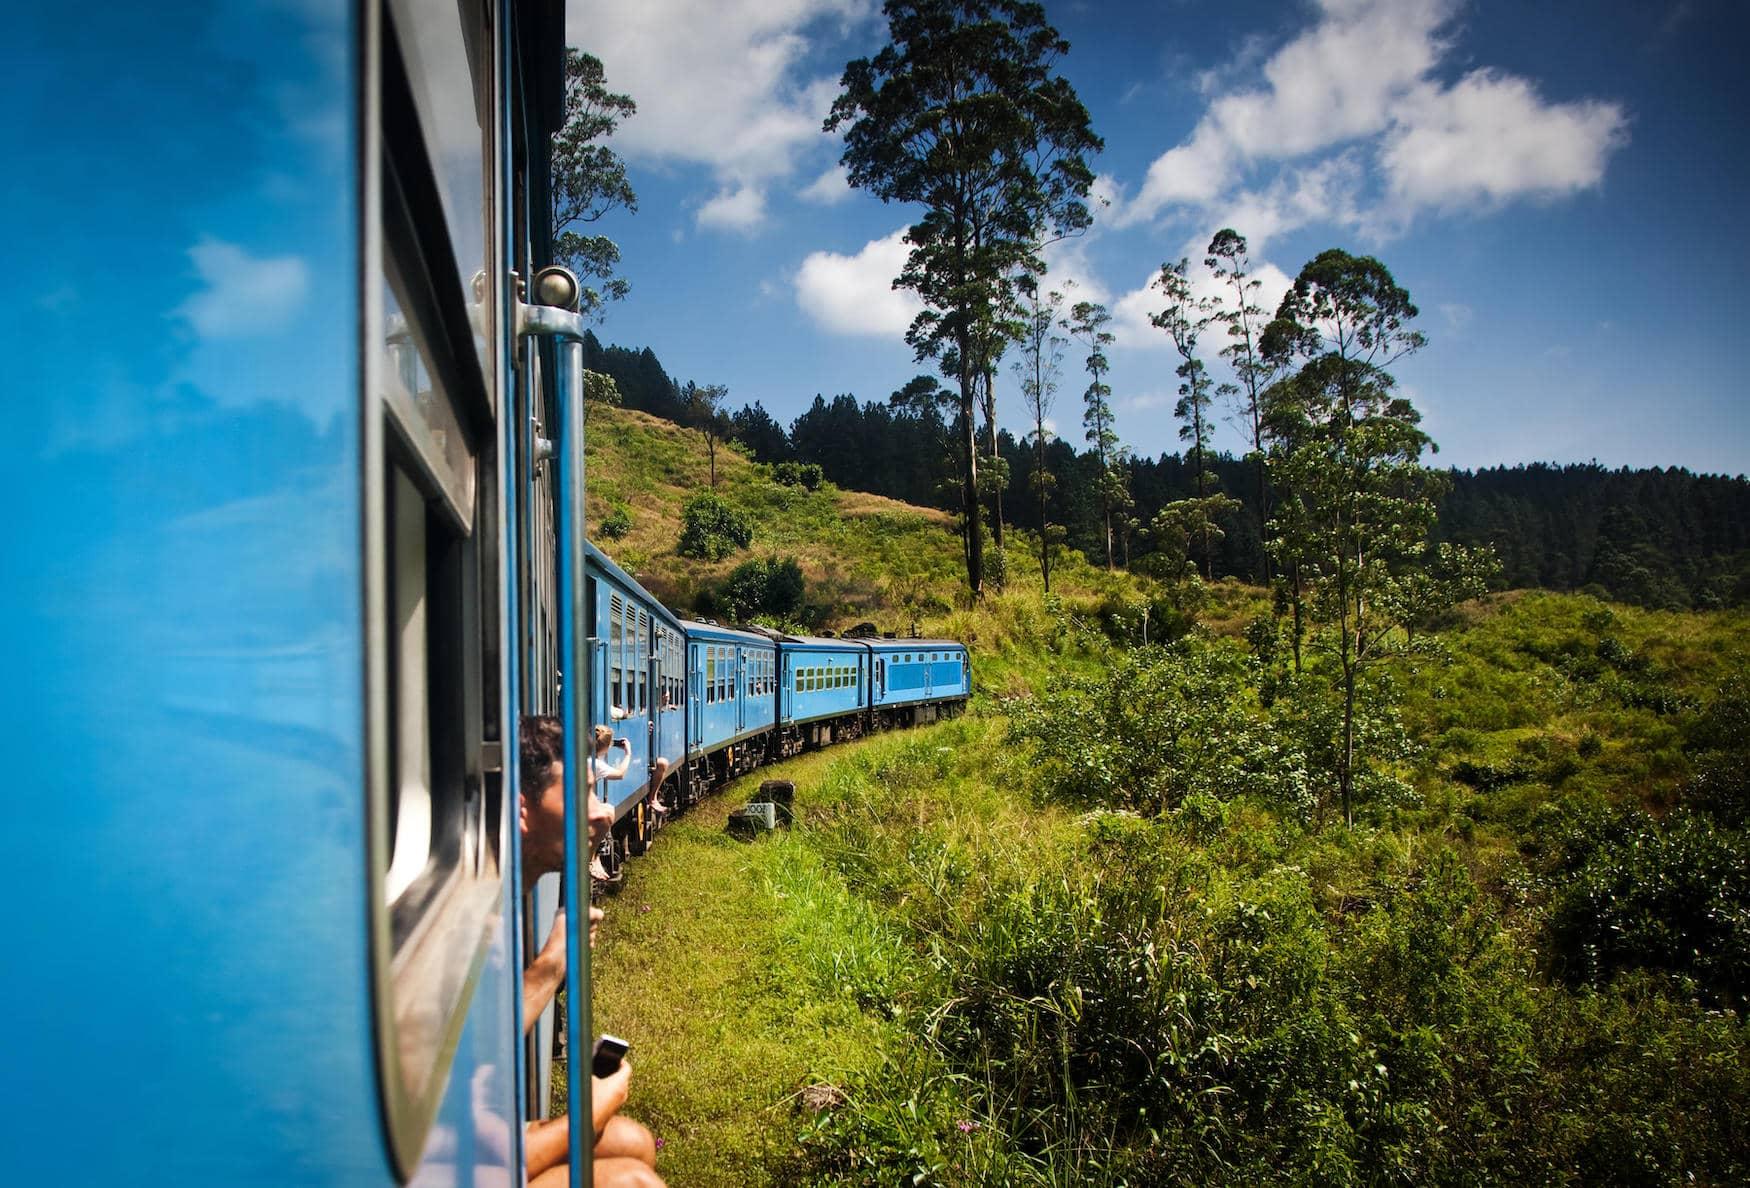 Durch sattgrüne Landschaften und Teefelder: Die Zugfahrt von Kandy nach Ella auf Sri Lanka ist legendär